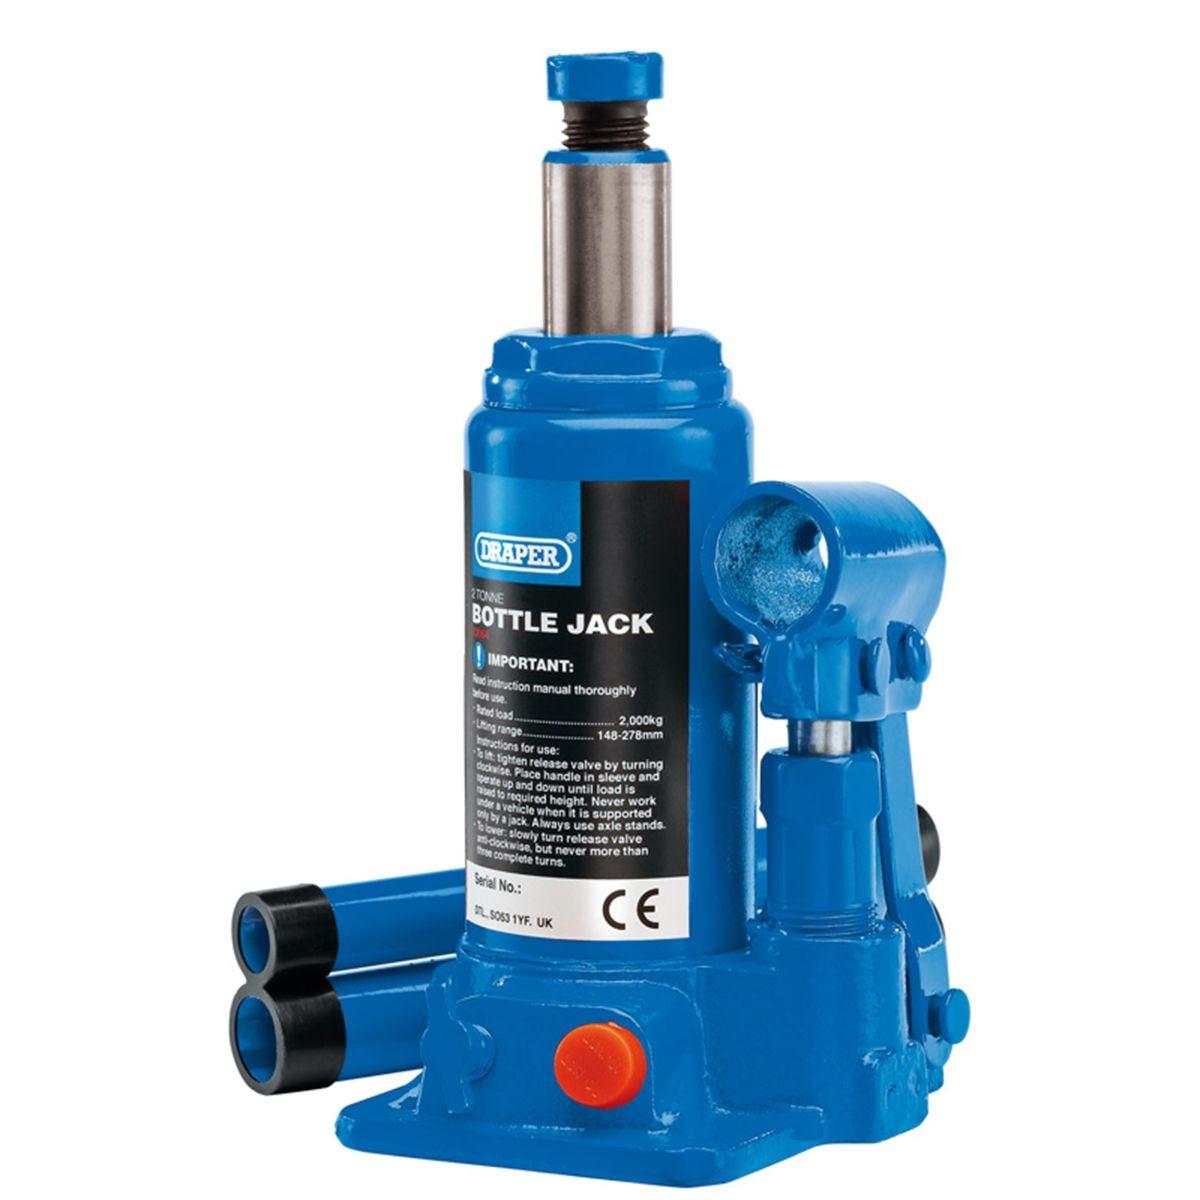 Draper Hydraulic Bottle Jack (2 Tonne)